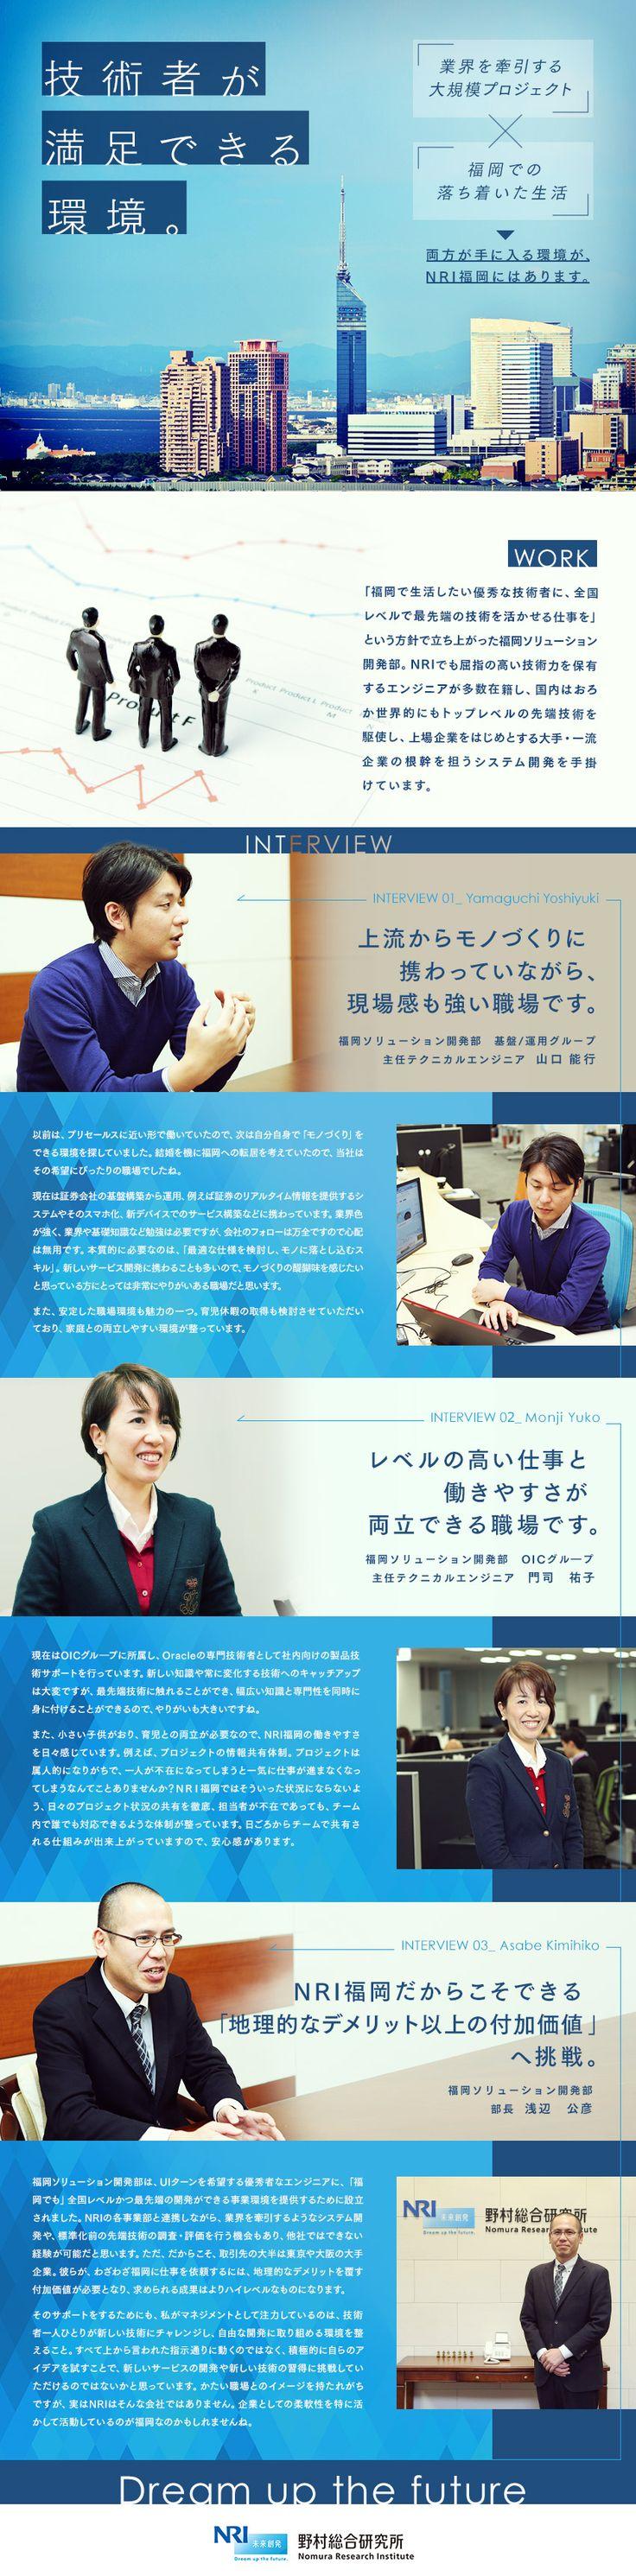 株式会社野村総合研究所/システムエンジニア(最先端システム開発/Oracle社製品技術サポート/先端技術R&D)の求人PR - 転職ならDODA(デューダ)